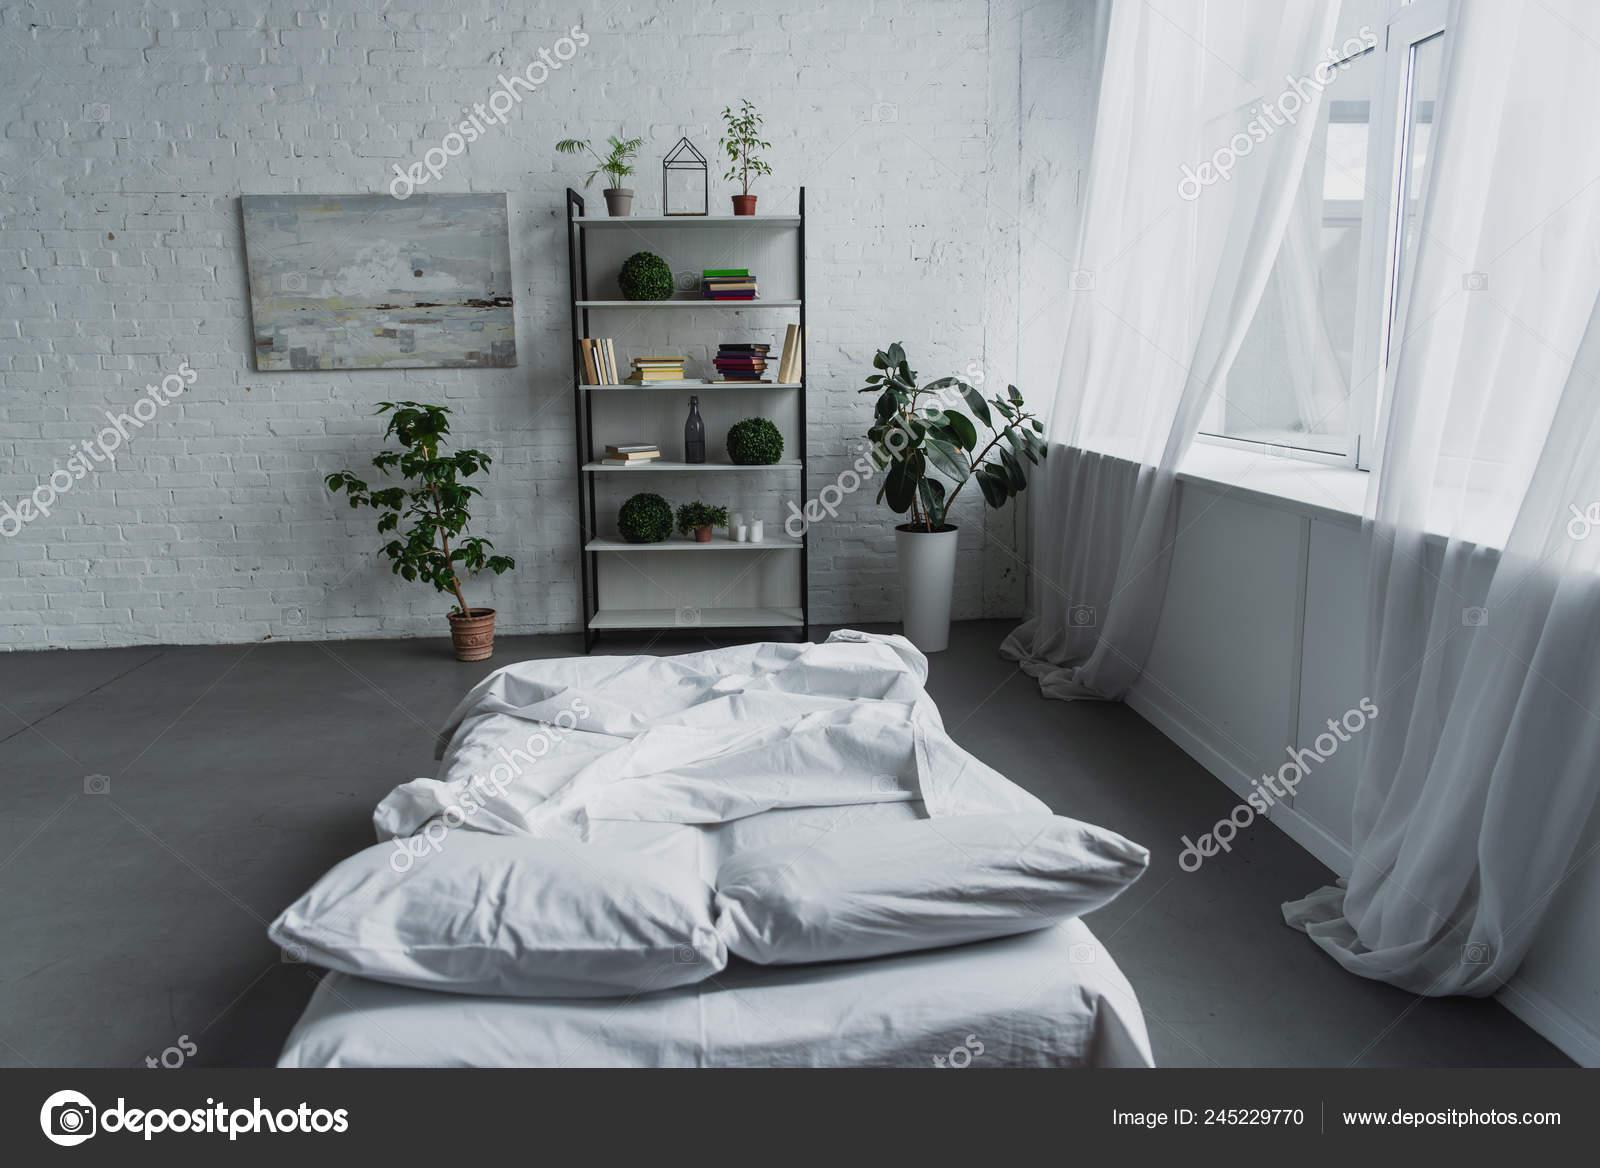 Moderno Diseño Interiores Dormitorios Con Plantas Cama Rack Ladrillo ...